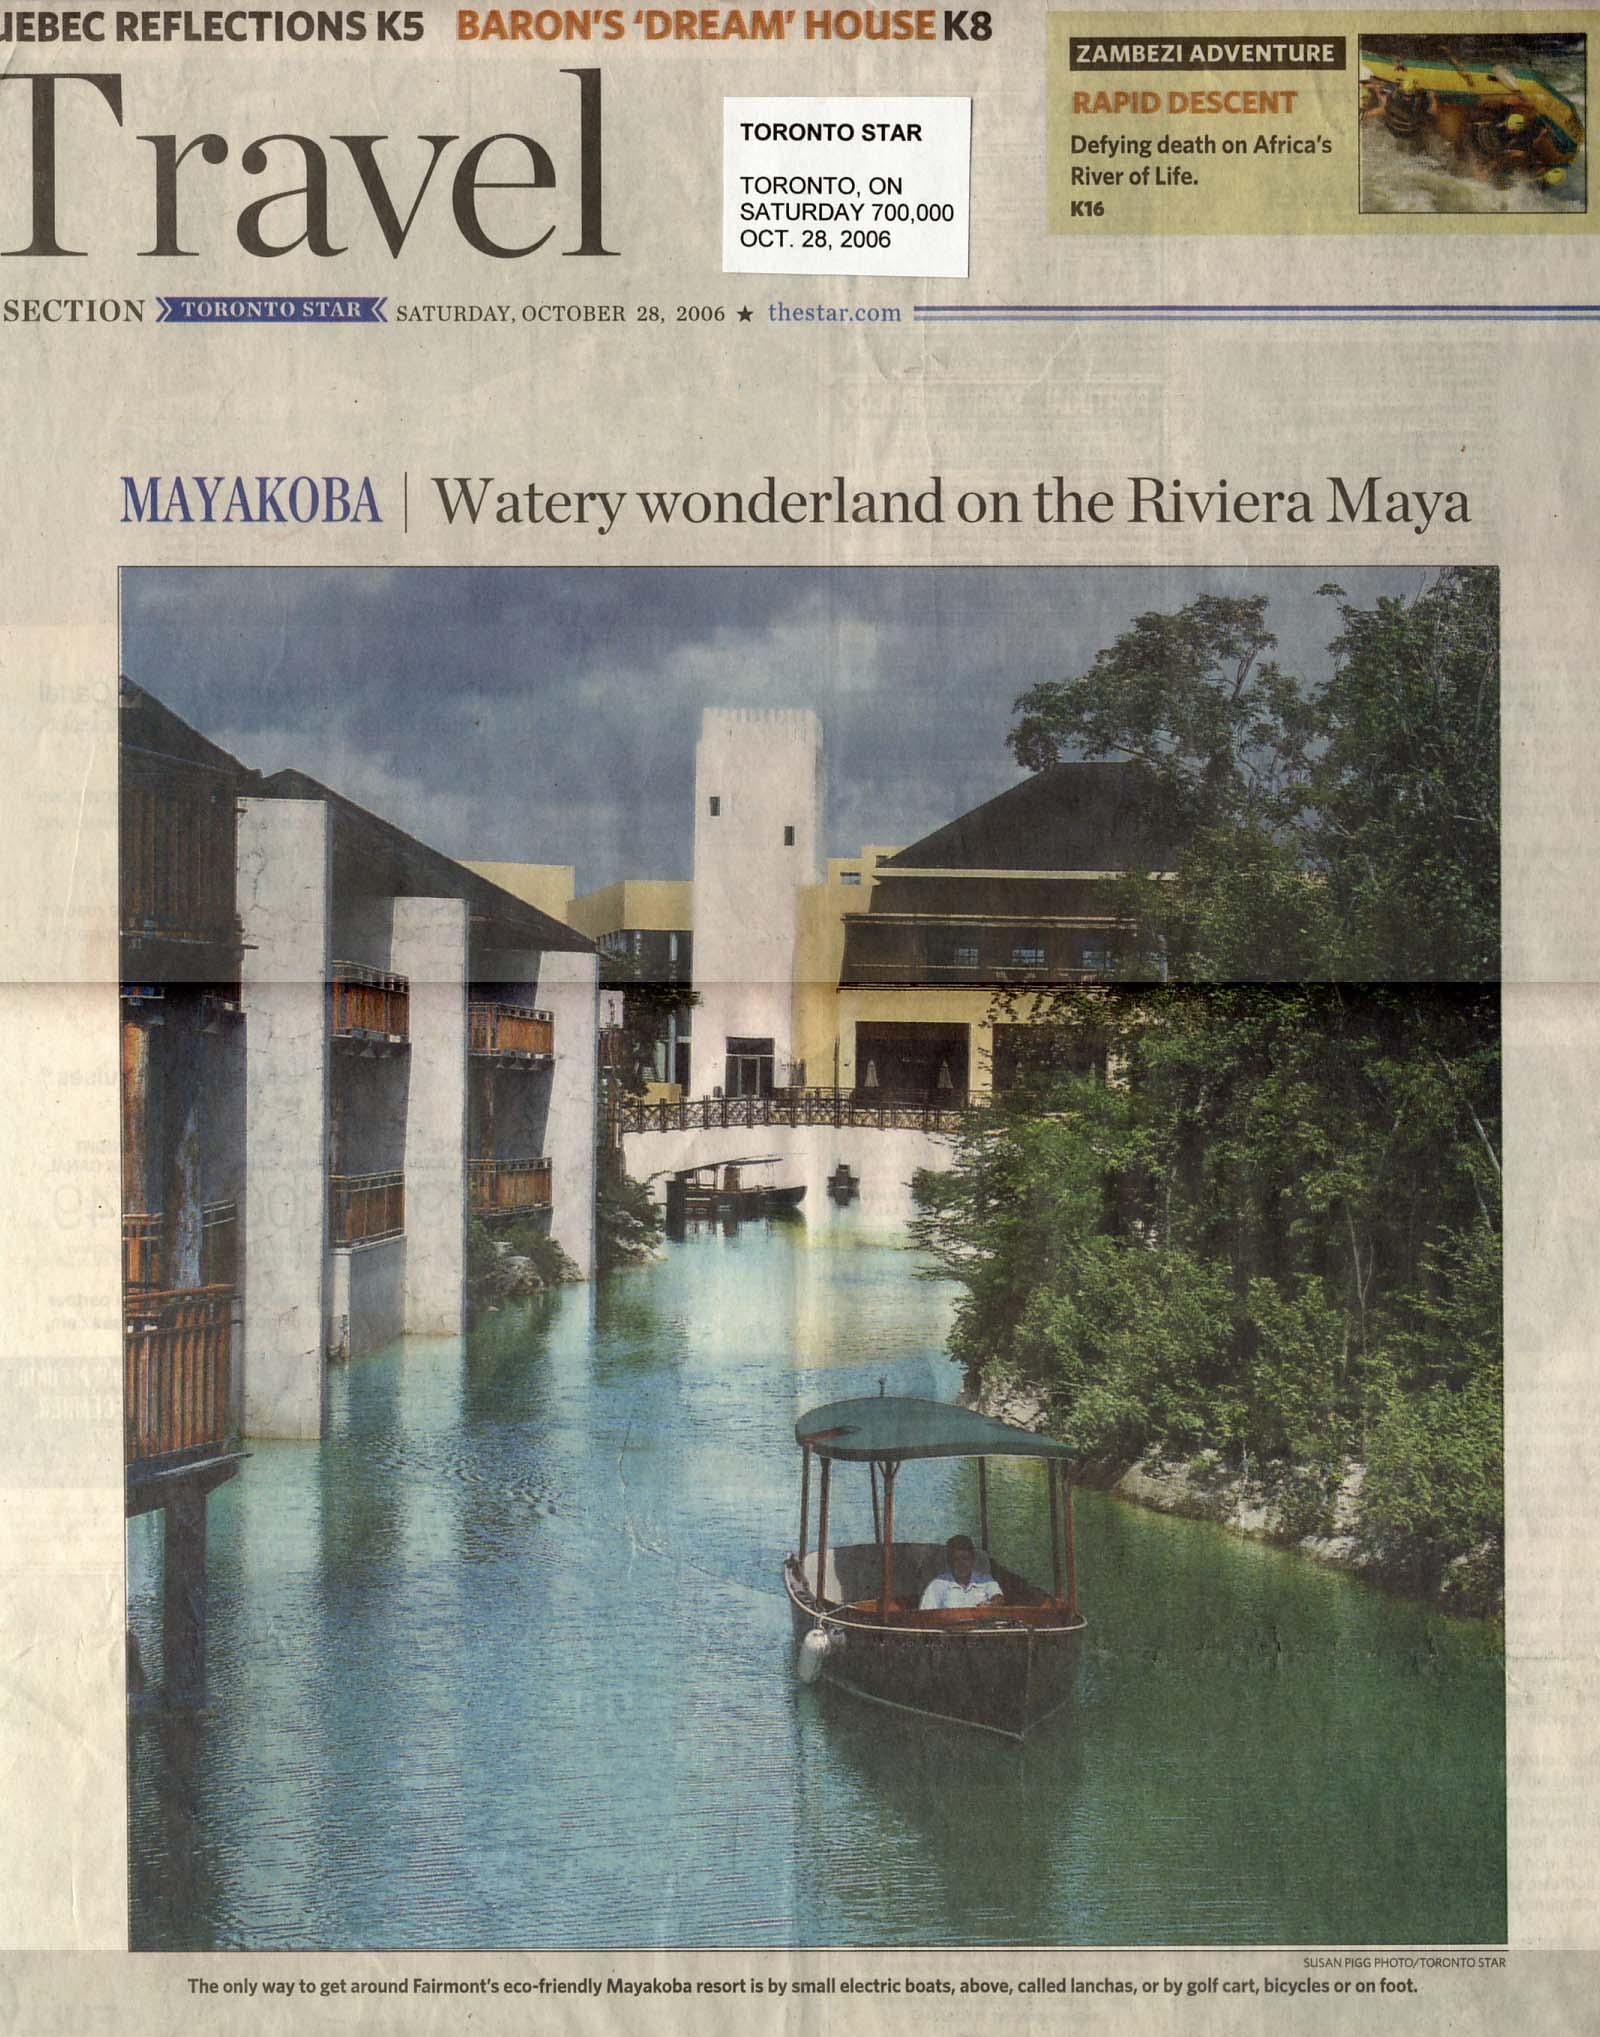 Mayakoba: Water wonderland on the Riviera Maya TORONTO STAR